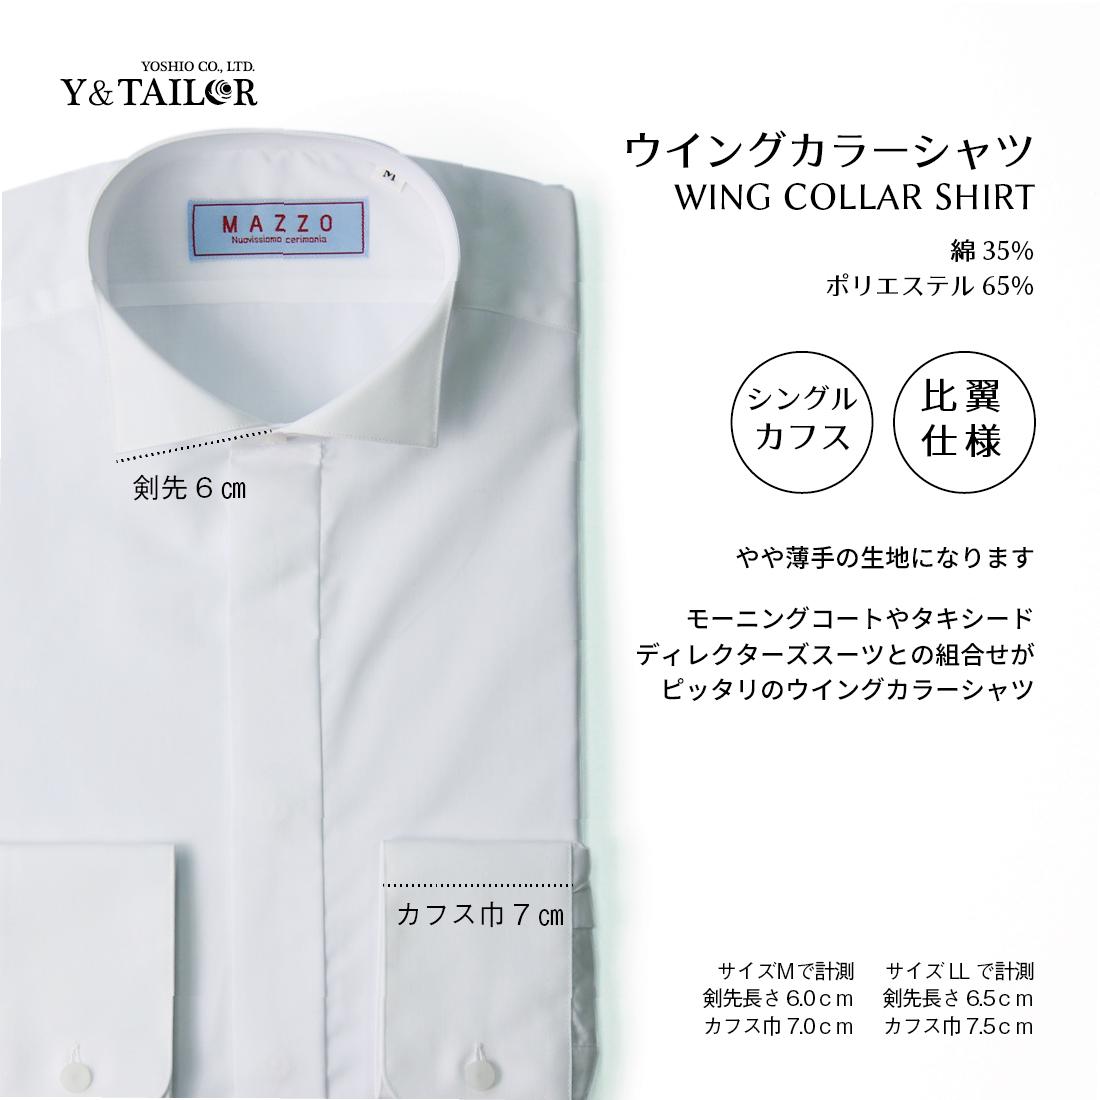 ウイングカラーシャツ ベーシック